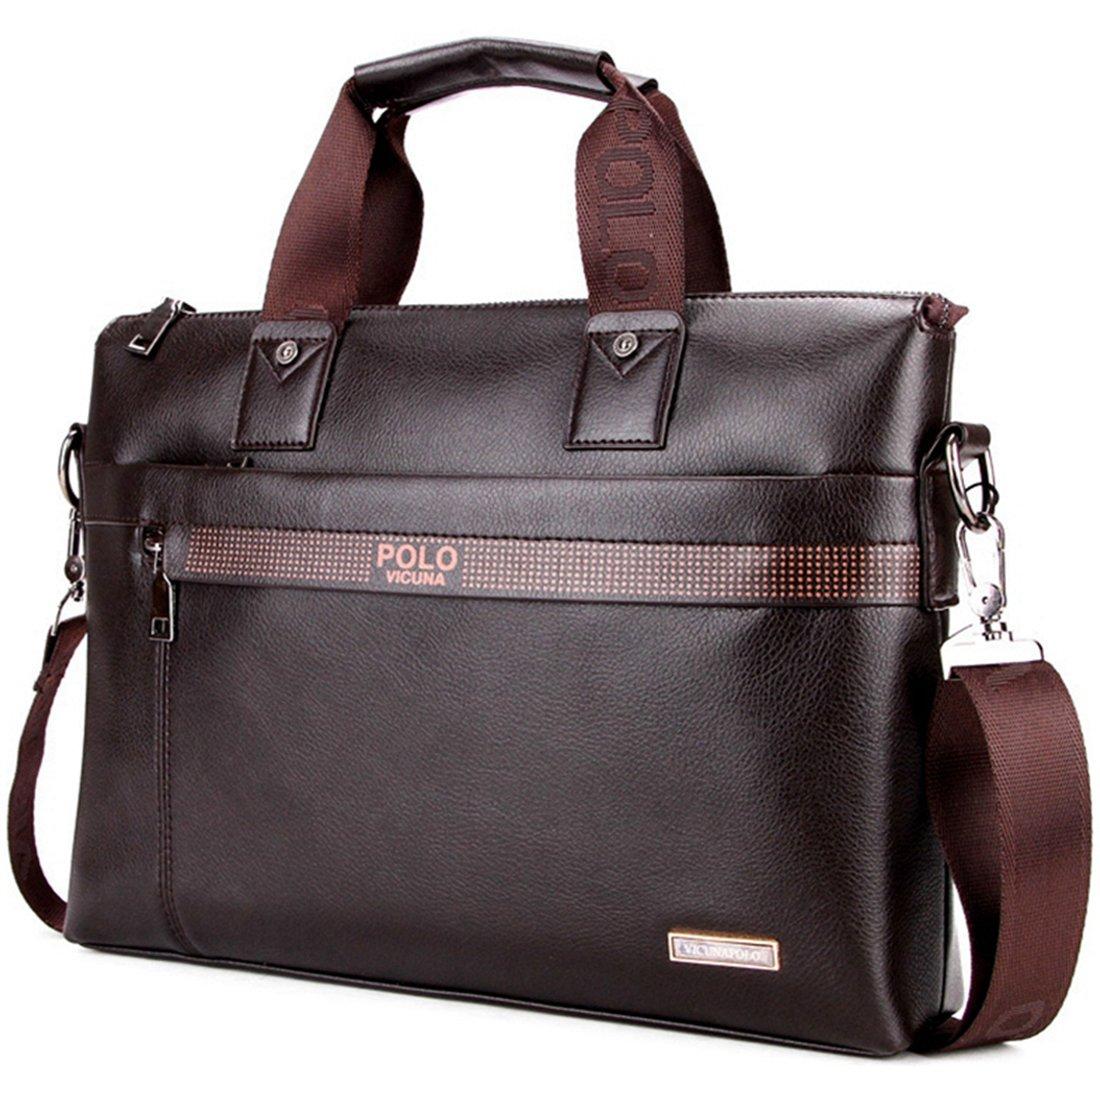 VICUNA POLO Man Briefcase Bag Messenger Bag Laptop Bag Man Bag Shoulder Bag(brown) by VICUNA POLO